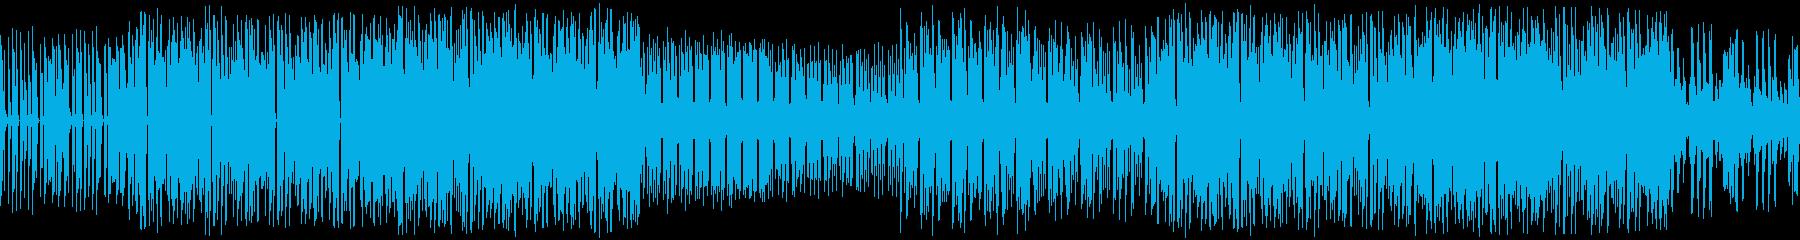 テレビゲーム パーカッション シン...の再生済みの波形